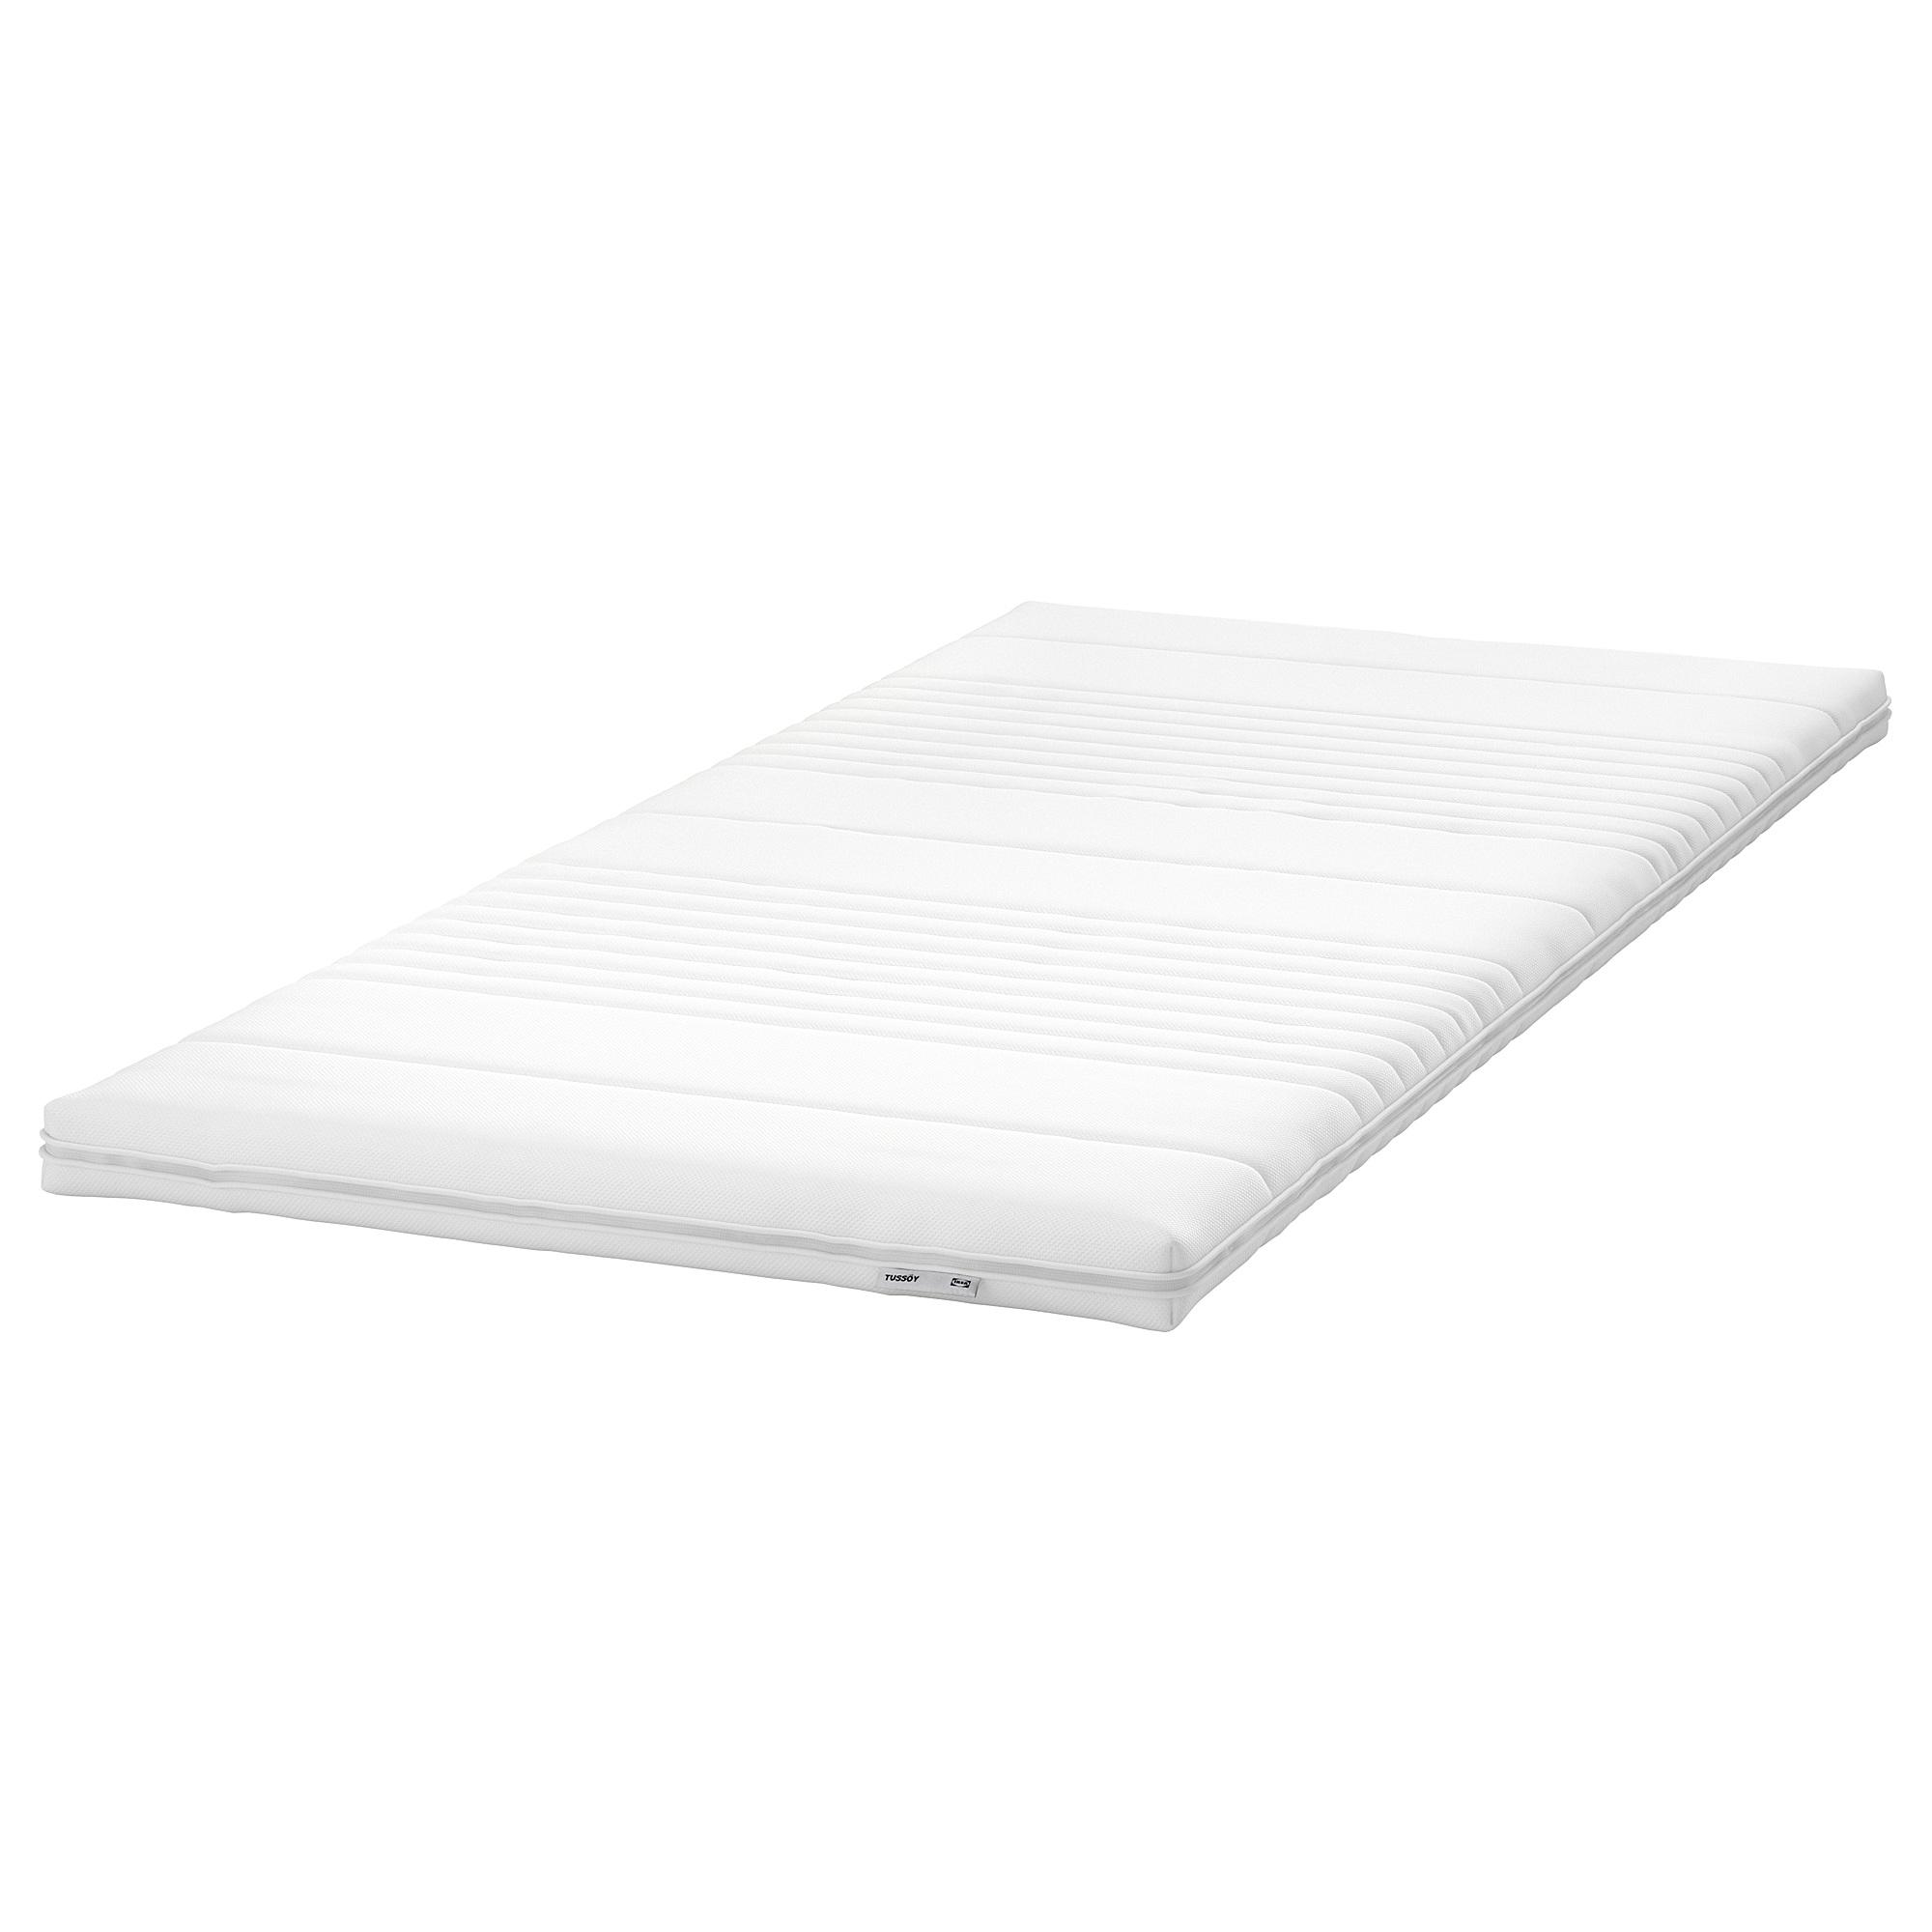 舒眠薄墊, , 白色, 90x200公分, 另有其他尺寸可選擇